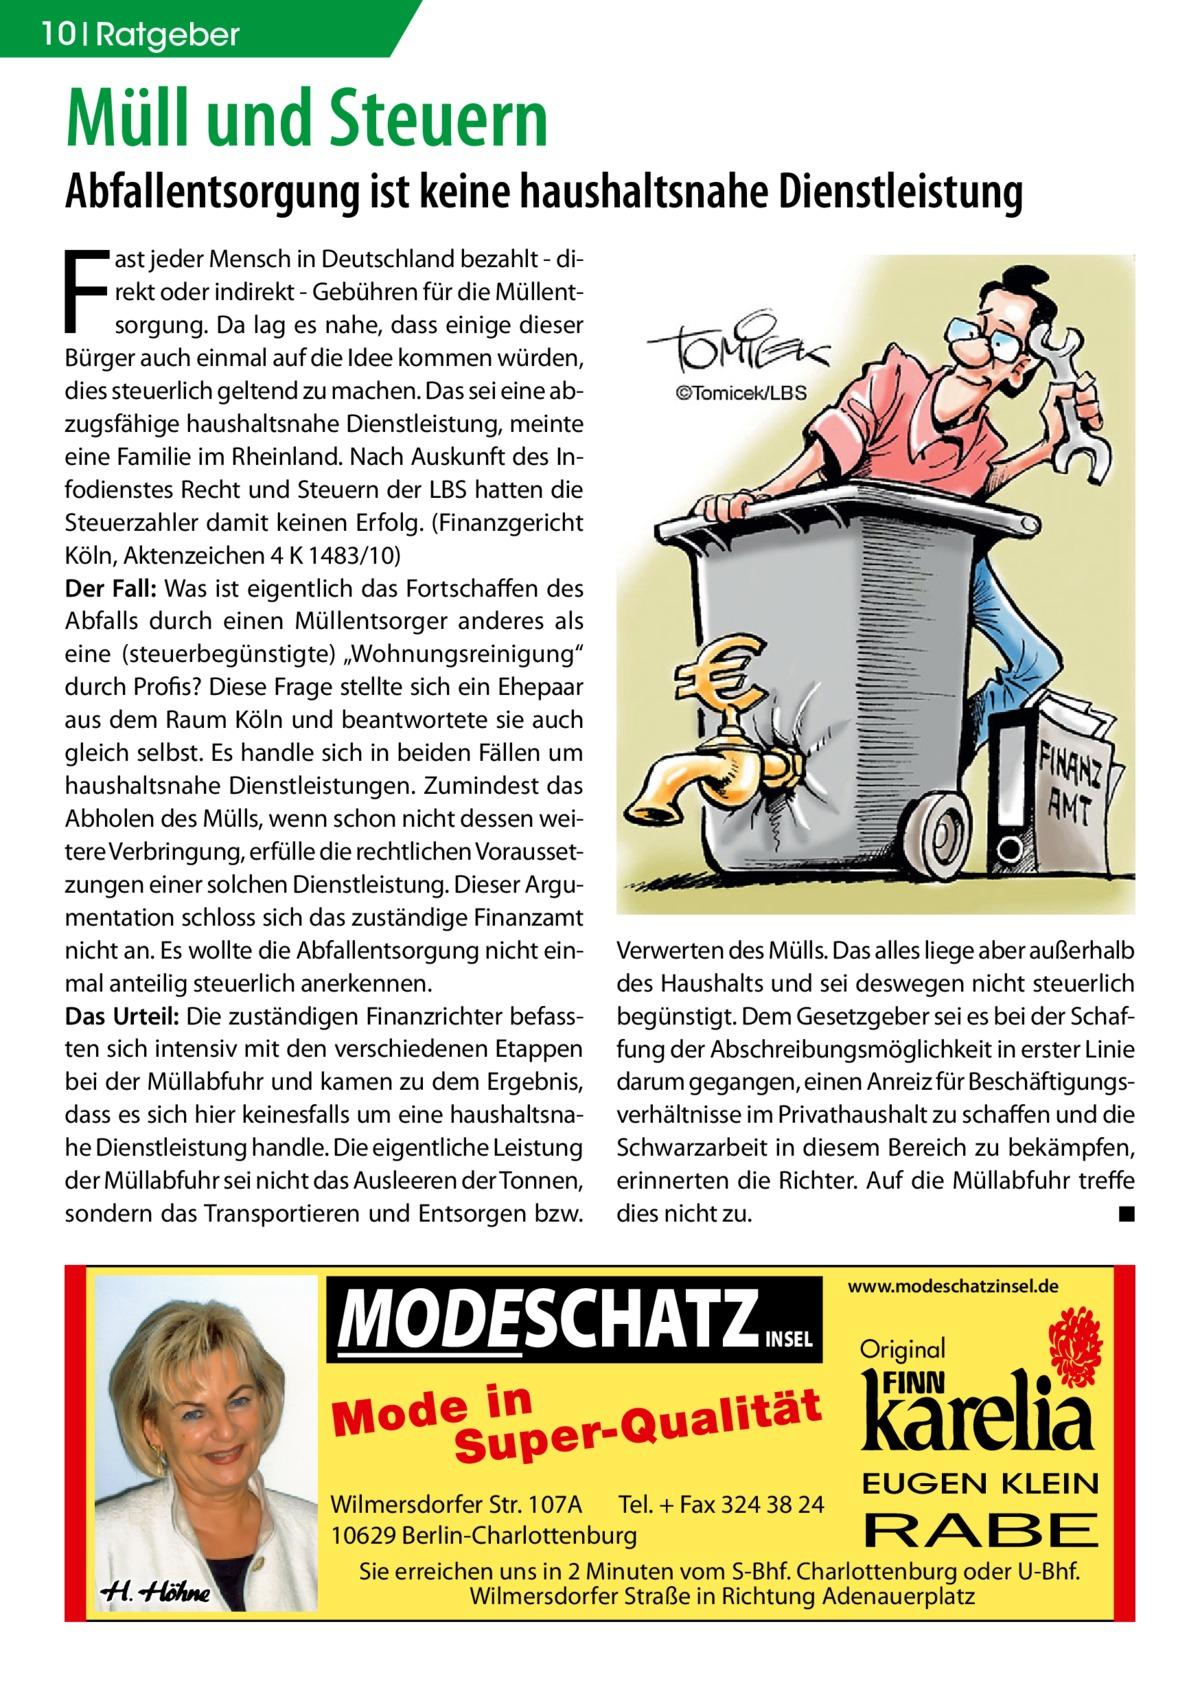 """10 Ratgeber  Müll und Steuern  Abfallentsorgung ist keine haushaltsnahe Dienstleistung  F  ast jeder Mensch in Deutschland bezahlt - direkt oder indirekt - Gebühren für die Müllentsorgung. Da lag es nahe, dass einige dieser Bürger auch einmal auf die Idee kommen würden, dies steuerlich geltend zu machen. Das sei eine abzugsfähige haushaltsnahe Dienstleistung, meinte eine Familie im Rheinland. Nach Auskunft des Infodienstes Recht und Steuern der LBS hatten die Steuerzahler damit keinen Erfolg. (Finanzgericht Köln, Aktenzeichen 4 K 1483/10) Der Fall: Was ist eigentlich das Fortschaffen des Abfalls durch einen Müllentsorger anderes als eine (steuerbegünstigte) """"Wohnungsreinigung"""" durch Profis? Diese Frage stellte sich ein Ehepaar aus dem Raum Köln und beantwortete sie auch gleich selbst. Es handle sich in beiden Fällen um haushaltsnahe Dienstleistungen. Zumindest das Abholen des Mülls, wenn schon nicht dessen weitere Verbringung, erfülle die rechtlichen Voraussetzungen einer solchen Dienstleistung. Dieser Argumentation schloss sich das zuständige Finanzamt nicht an. Es wollte die Abfallentsorgung nicht einmal anteilig steuerlich anerkennen. Das Urteil: Die zuständigen Finanzrichter befassten sich intensiv mit den verschiedenen Etappen bei der Müllabfuhr und kamen zu dem Ergebnis, dass es sich hier keinesfalls um eine haushaltsnahe Dienstleistung handle. Die eigentliche Leistung der Müllabfuhr sei nicht das Ausleeren der Tonnen, sondern das Transportieren und Entsorgen bzw.  Verwerten des Mülls. Das alles liege aber außerhalb des Haushalts und sei deswegen nicht steuerlich begünstigt. Dem Gesetzgeber sei es bei der Schaffung der Abschreibungsmöglichkeit in erster Linie darum gegangen, einen Anreiz für Beschäftigungsverhältnisse im Privathaushalt zu schaffen und die Schwarzarbeit in diesem Bereich zu bekämpfen, erinnerten die Richter. Auf die Müllabfuhr treffe dies nicht zu. � ◾  MODESCHATZ  www.modeschatzinsel.de  INSEL  Original  EUGEN KLEIN  Wilmersdorfer Str. 107A Te"""